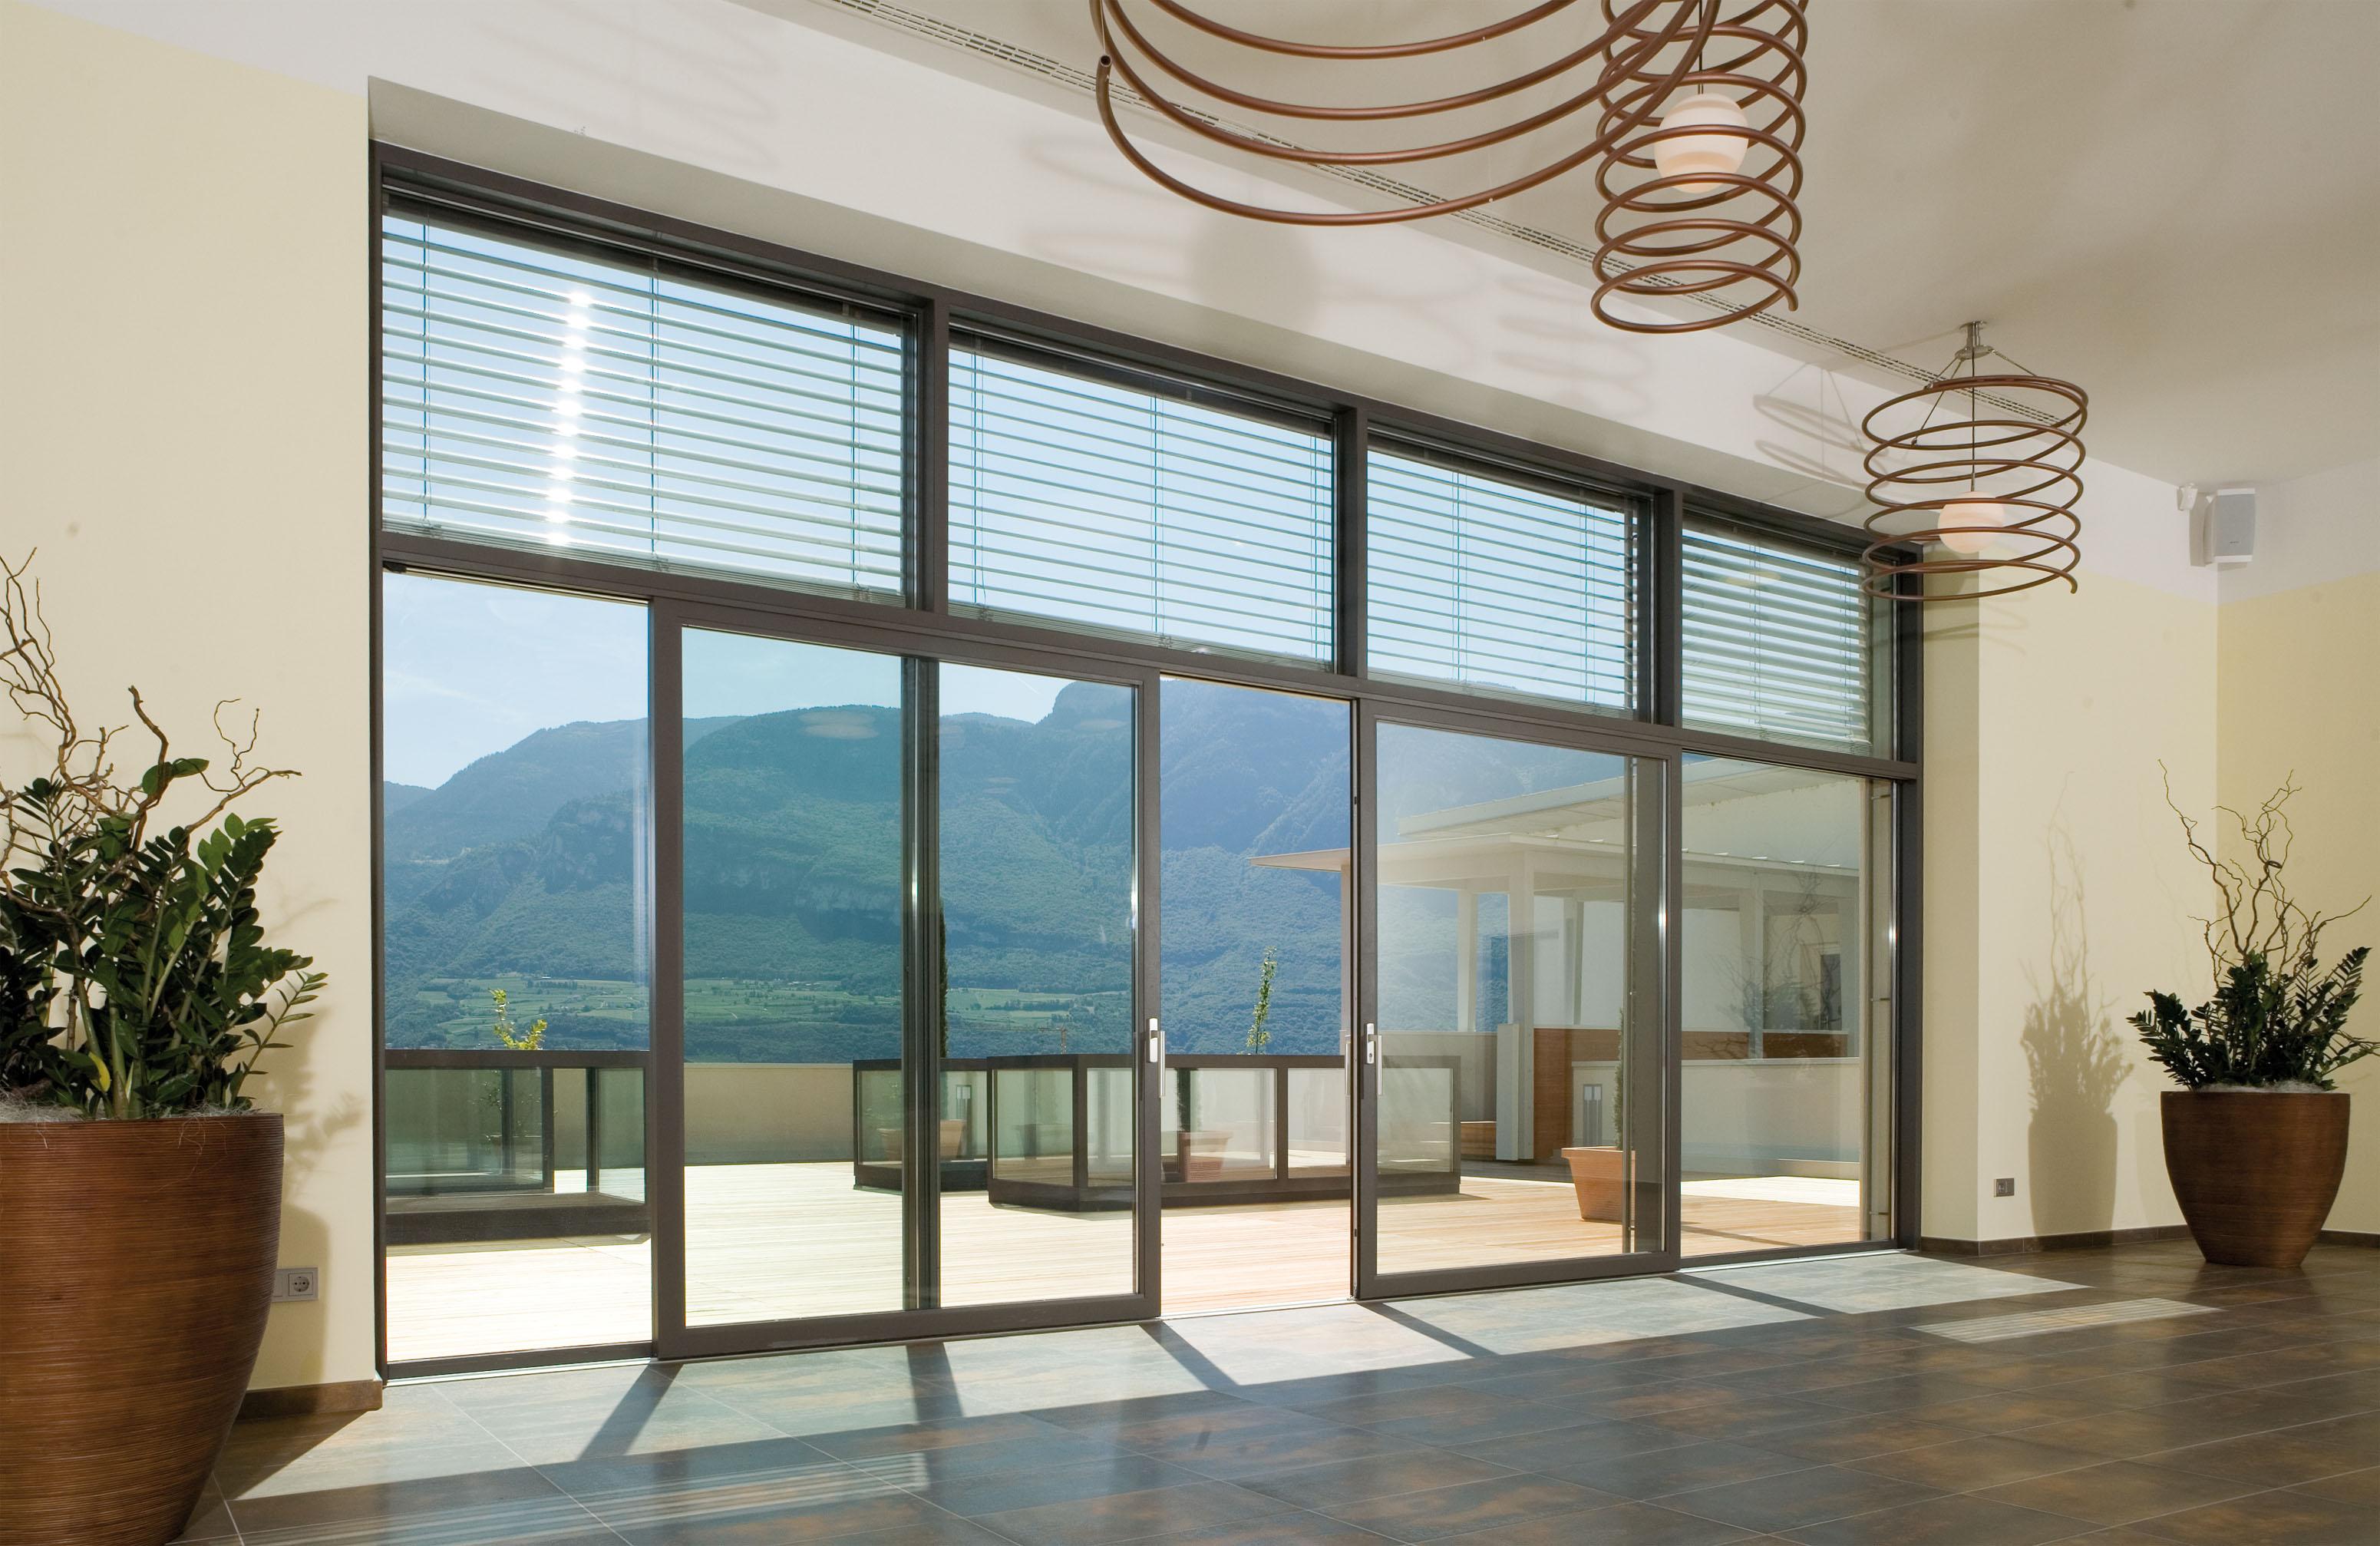 Sistema in pvc molto flessibile per grandi pareti vetrate for Scheda tecnica anta ribalta giesse